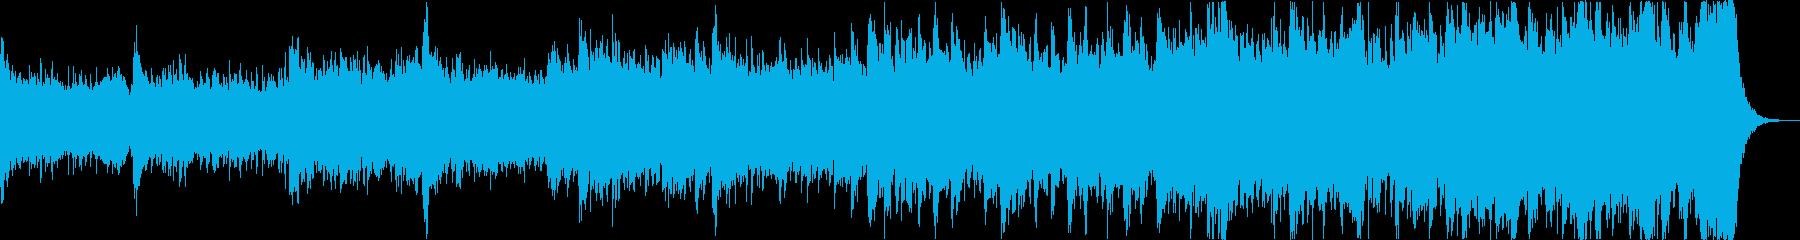 シネマドラマティックエピックトレーラーbの再生済みの波形